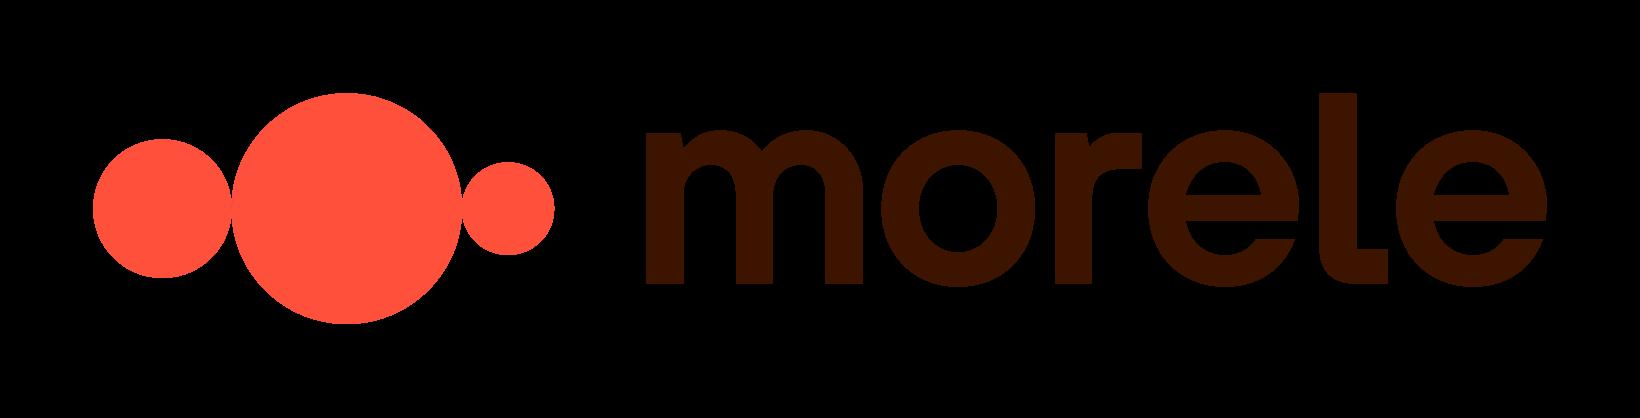 Opinie - Morele.net